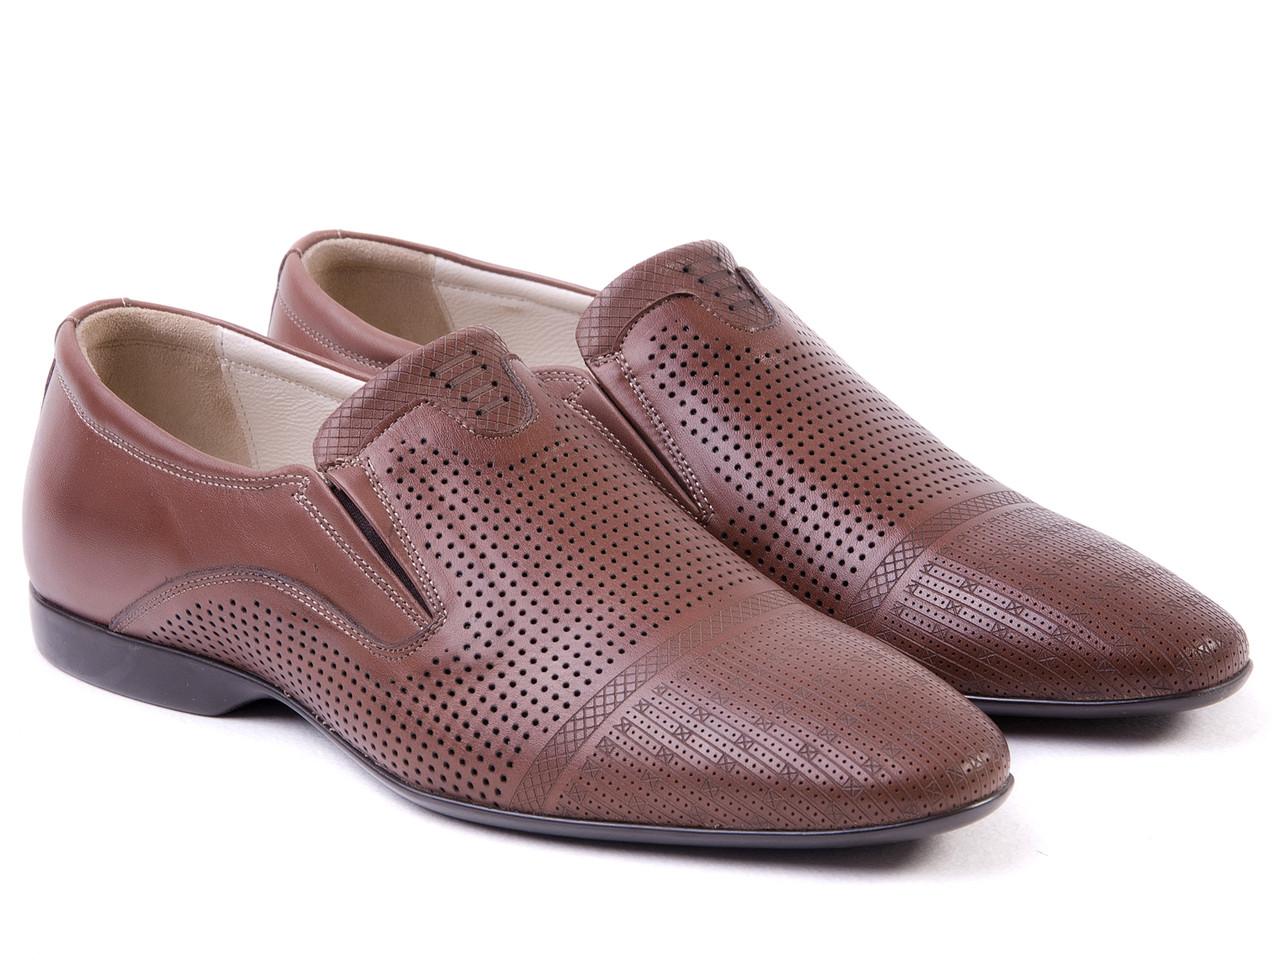 Туфли Etor 11738-7115-325 коричневые, фото 1